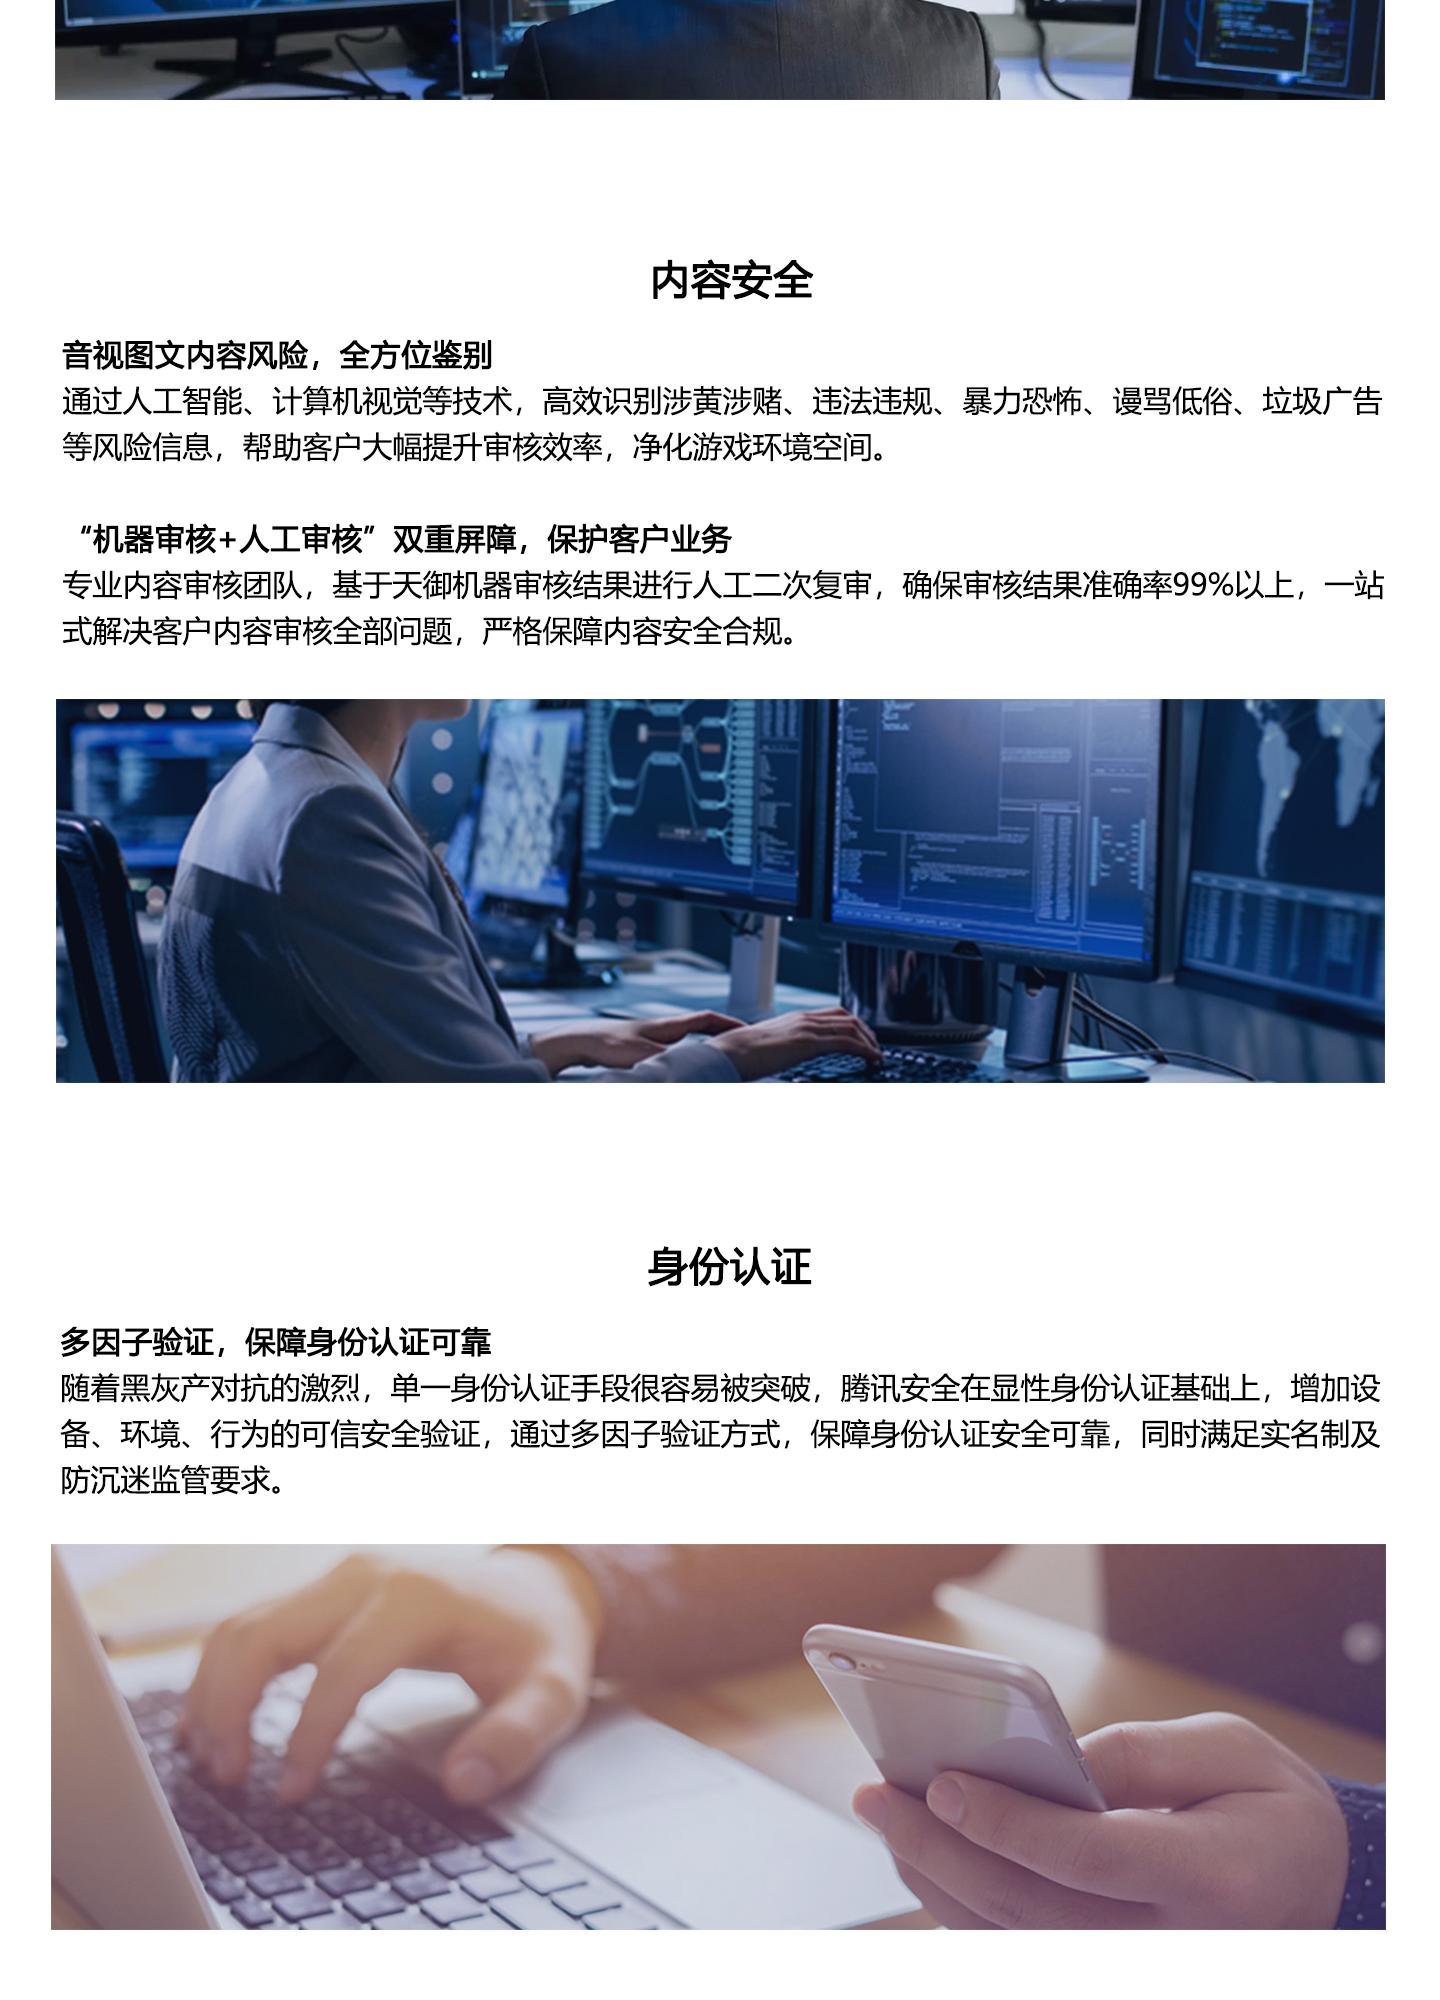 游戏行业安全解决方案1440_05.jpg